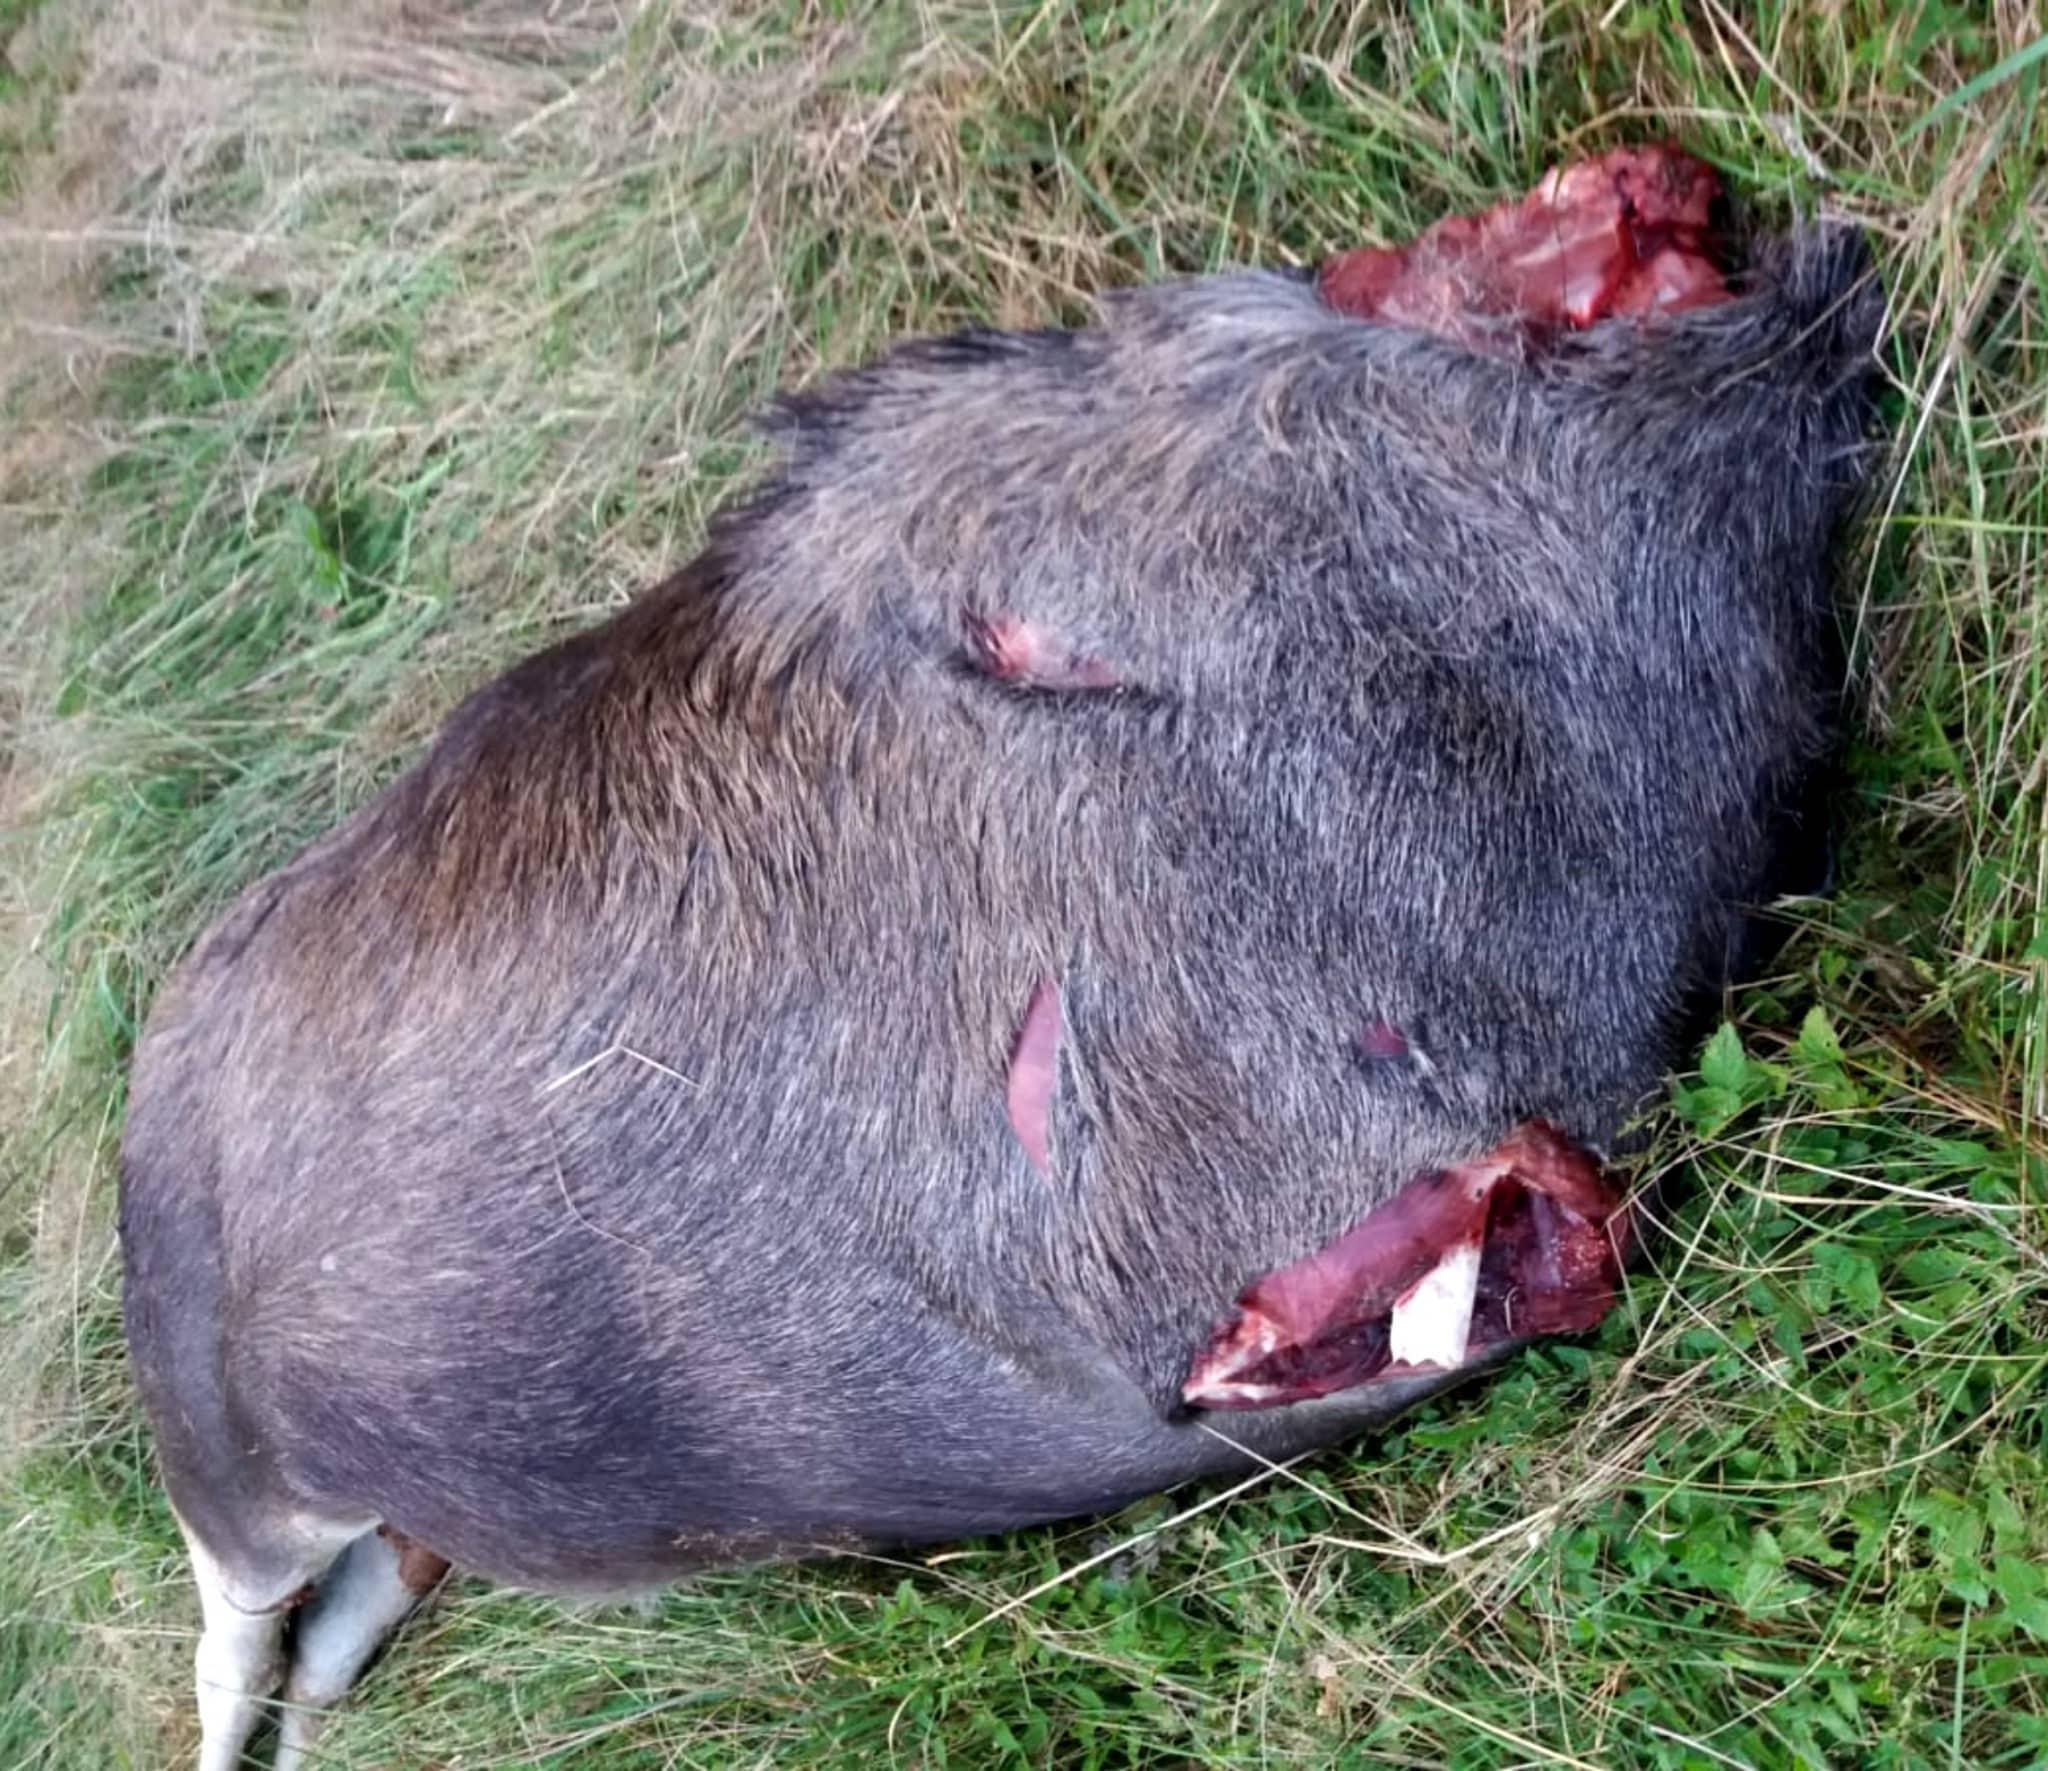 Här har någon verkligen ansträngt sig för att få med den trafikdödades älgtjurens huvud och båda frambenen. Foto: Privat